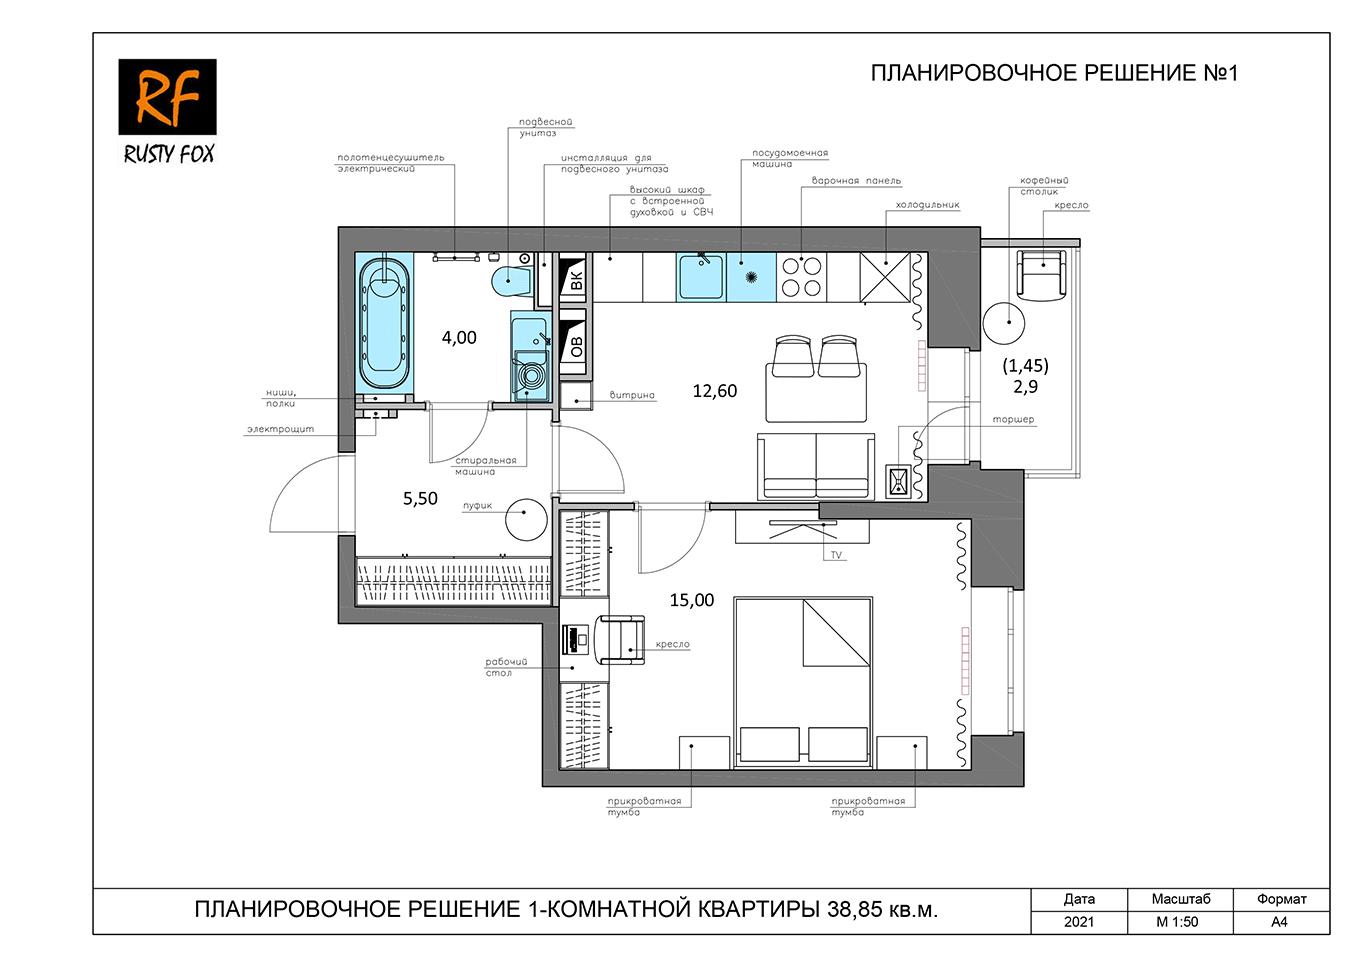 ЖК Люберцы корпус 54. 1-комнатная квартира правая 38,85 кв.м. Планировочное решение №1.